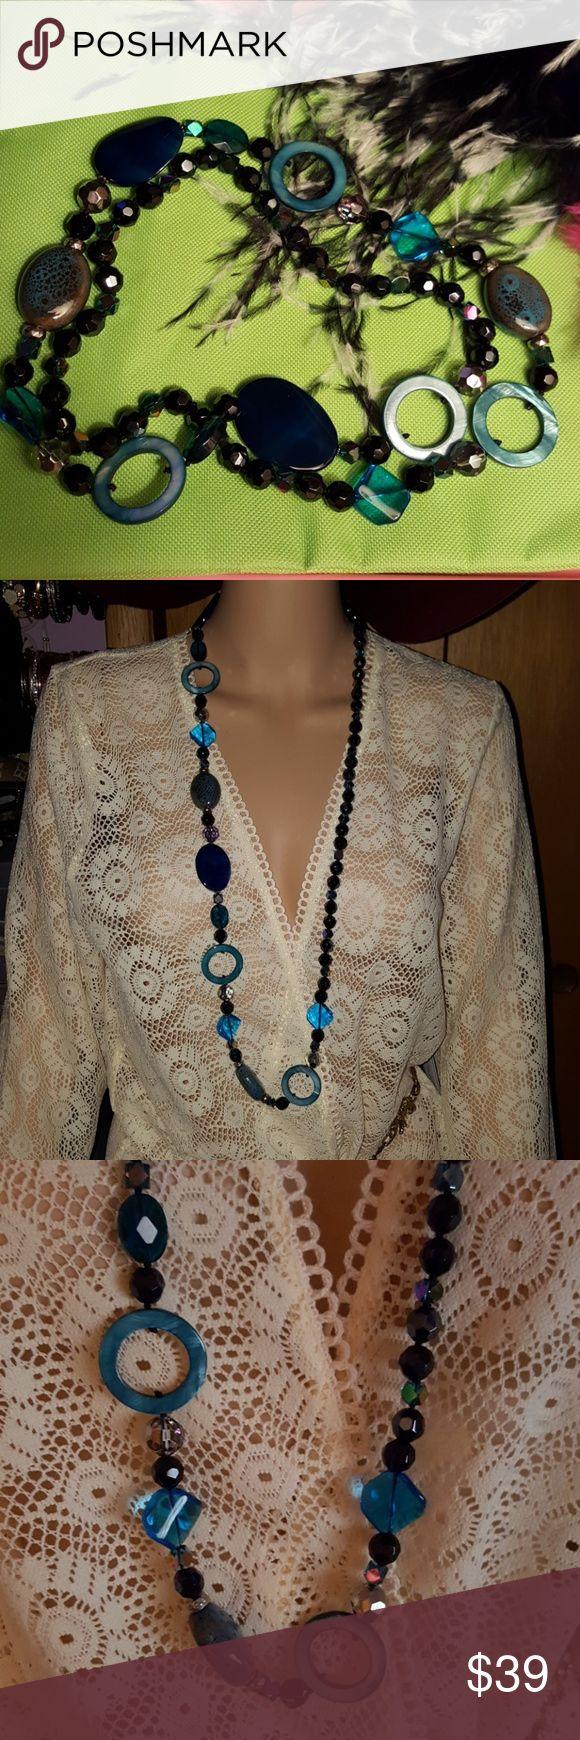 Park lane necklace Park lane necklace Park Lane Jewelry Necklaces